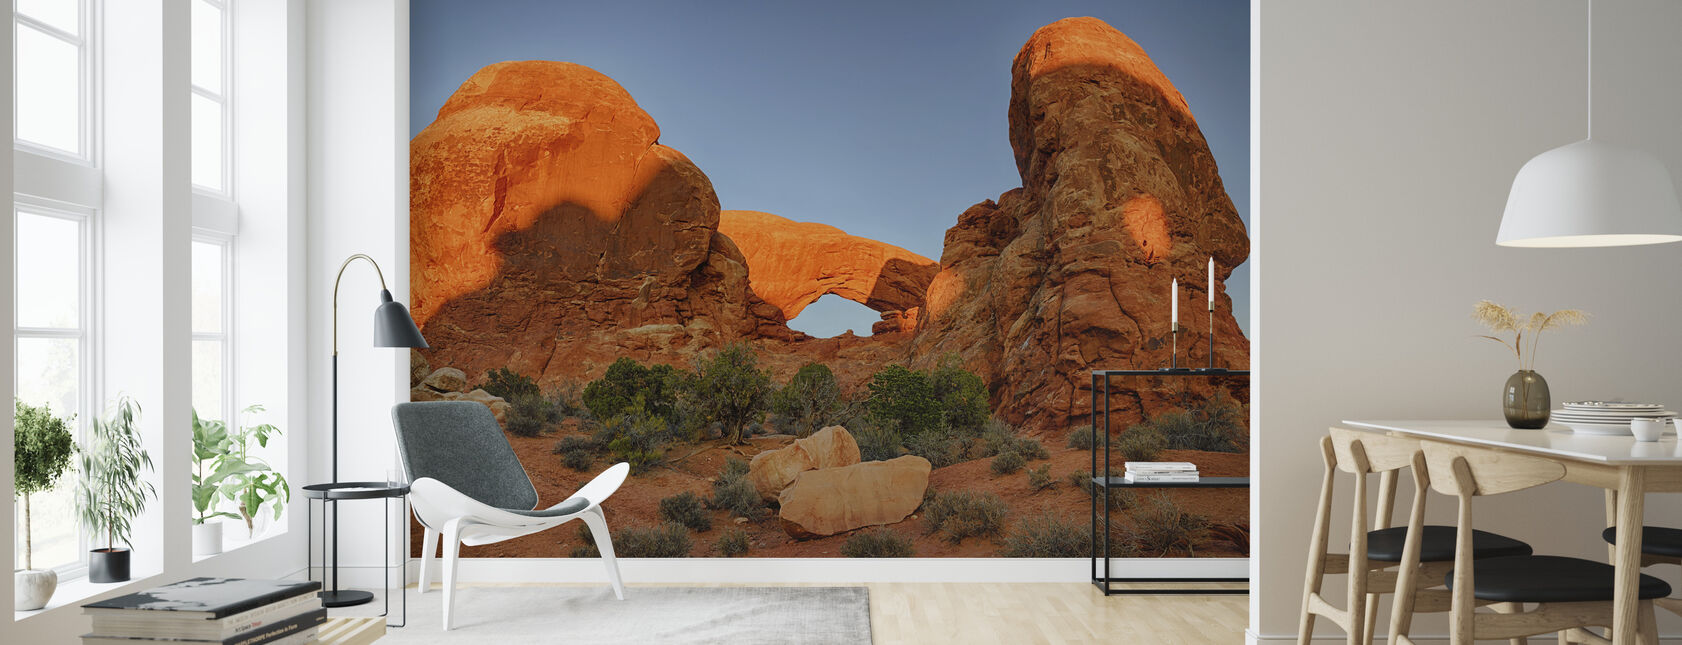 Sunrise Light on Turret Arch - Wallpaper - Living Room